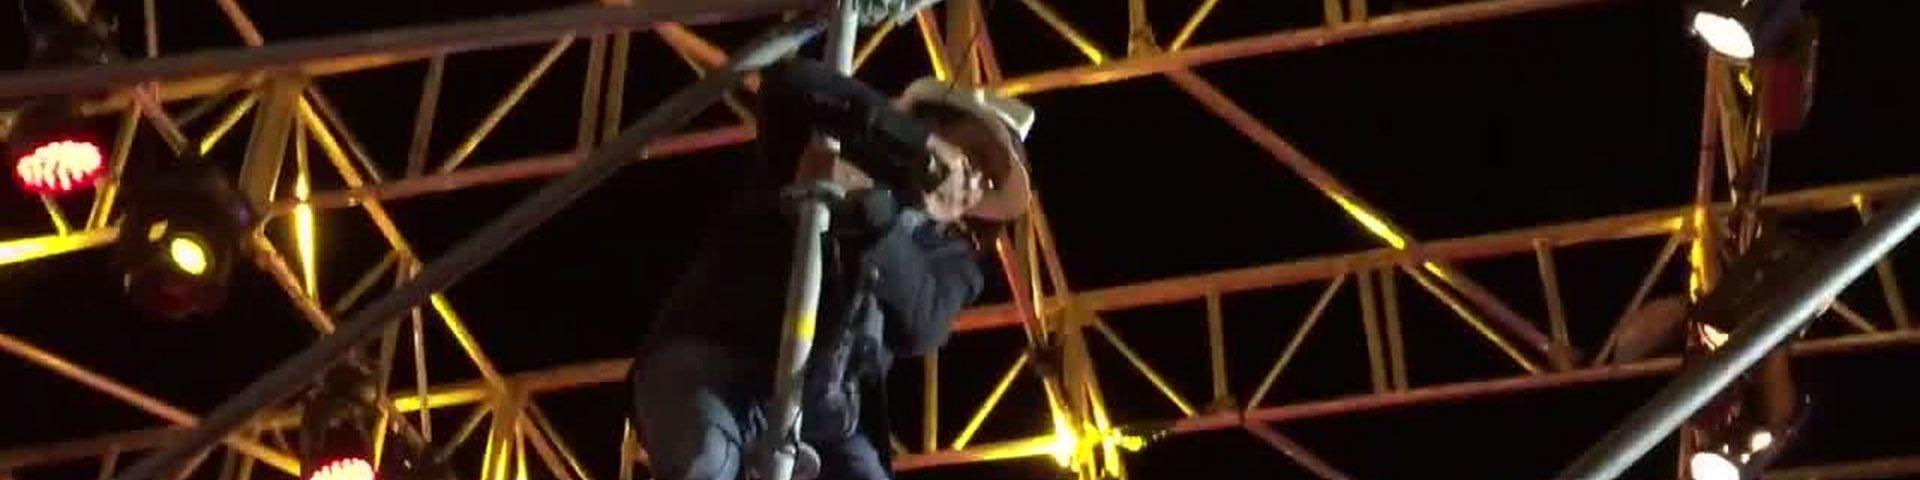 Al Bano si arrampica (pericolosamente) sul palco durante un concerto - Video